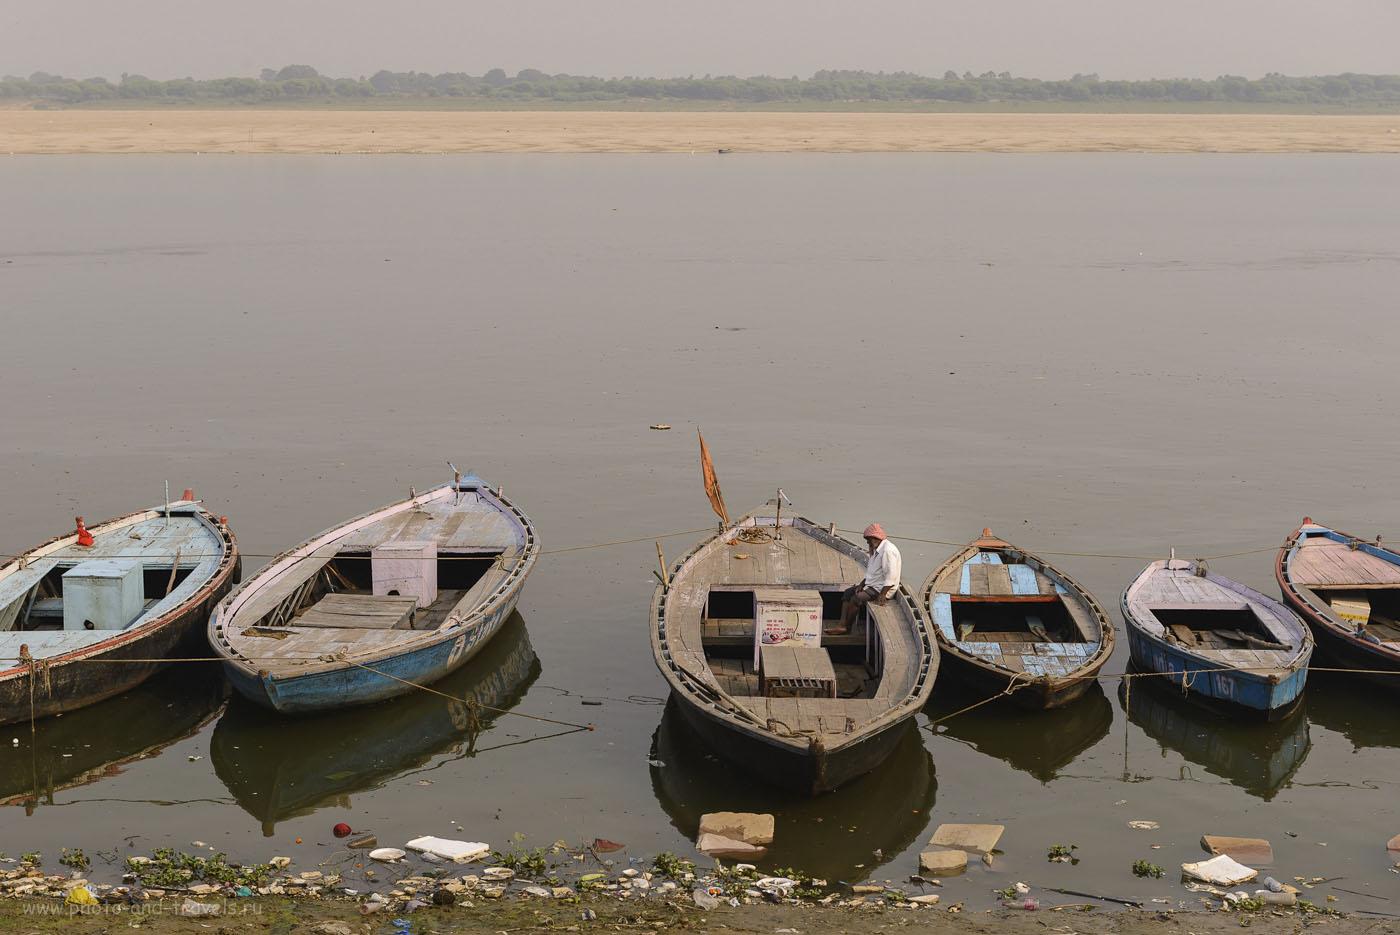 Фотография 5. Экскурсия по Варанаси. Лодочник на реке Ганг. Рассказы о поездке в Индию самостоятельно. 1/200, 9.0, 125, 70.